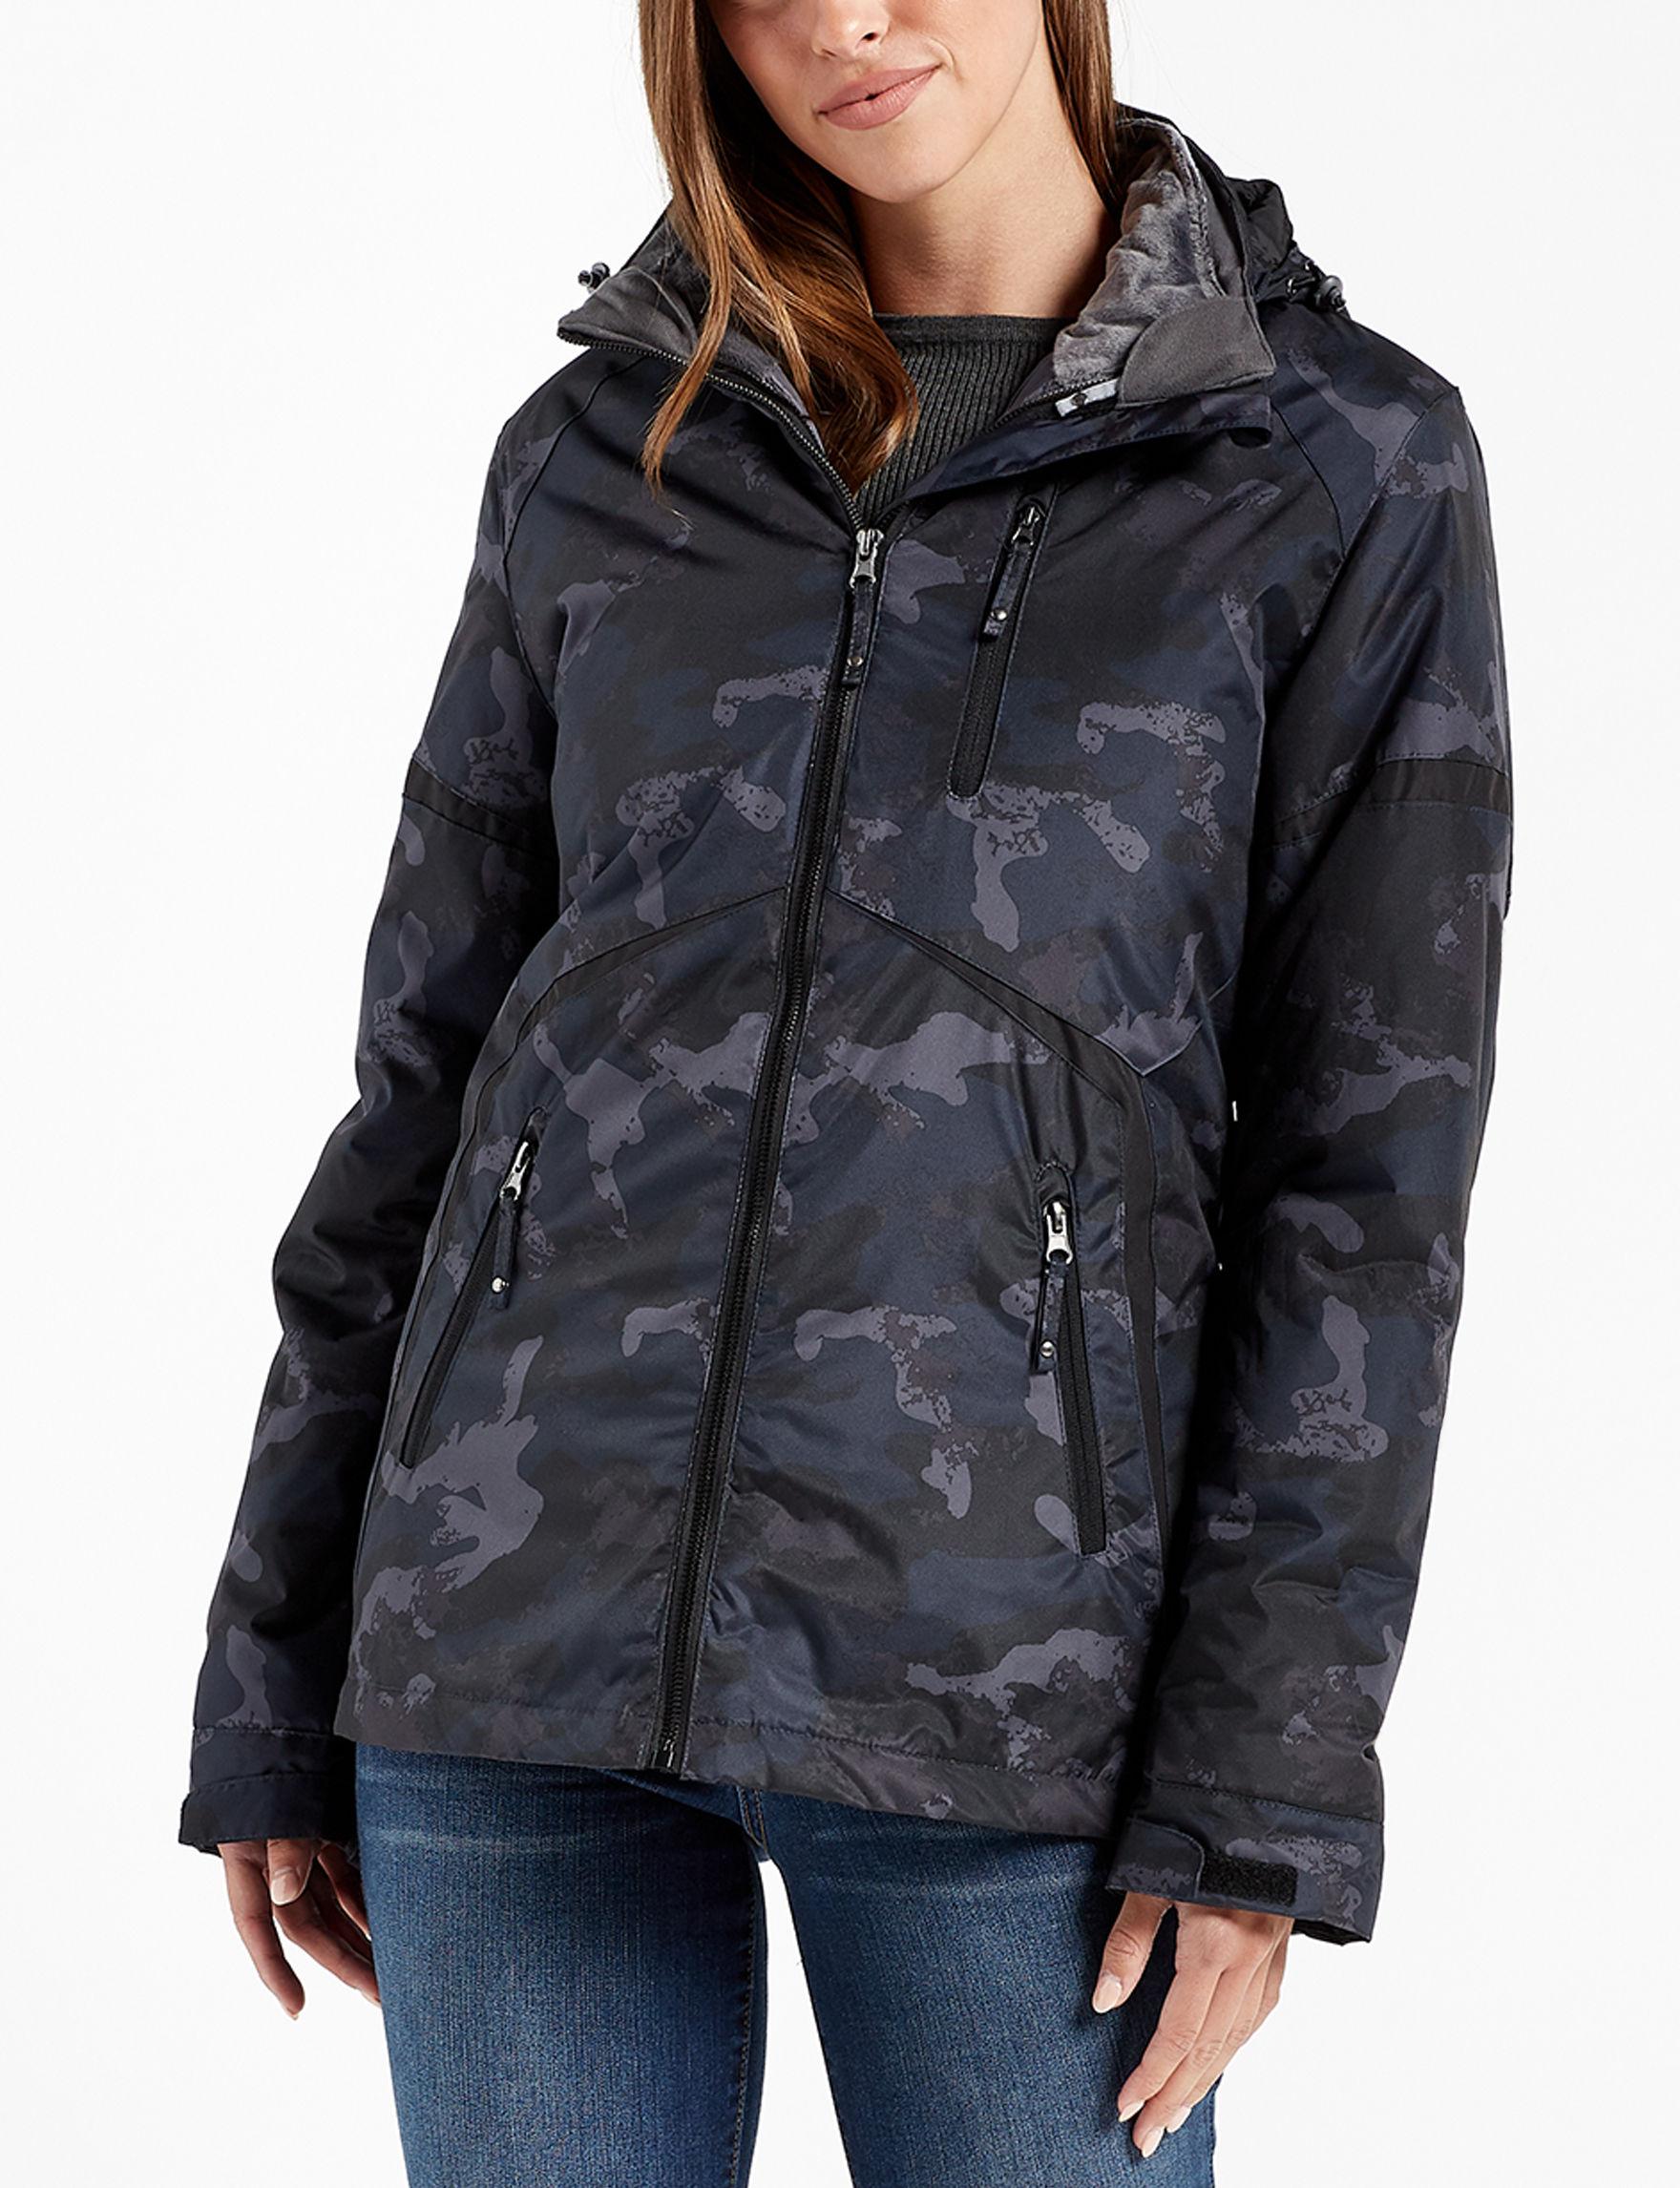 Mackintosh Navy Camo Fleece & Soft Shell Jackets Lightweight Jackets & Blazers Puffer & Quilted Jackets